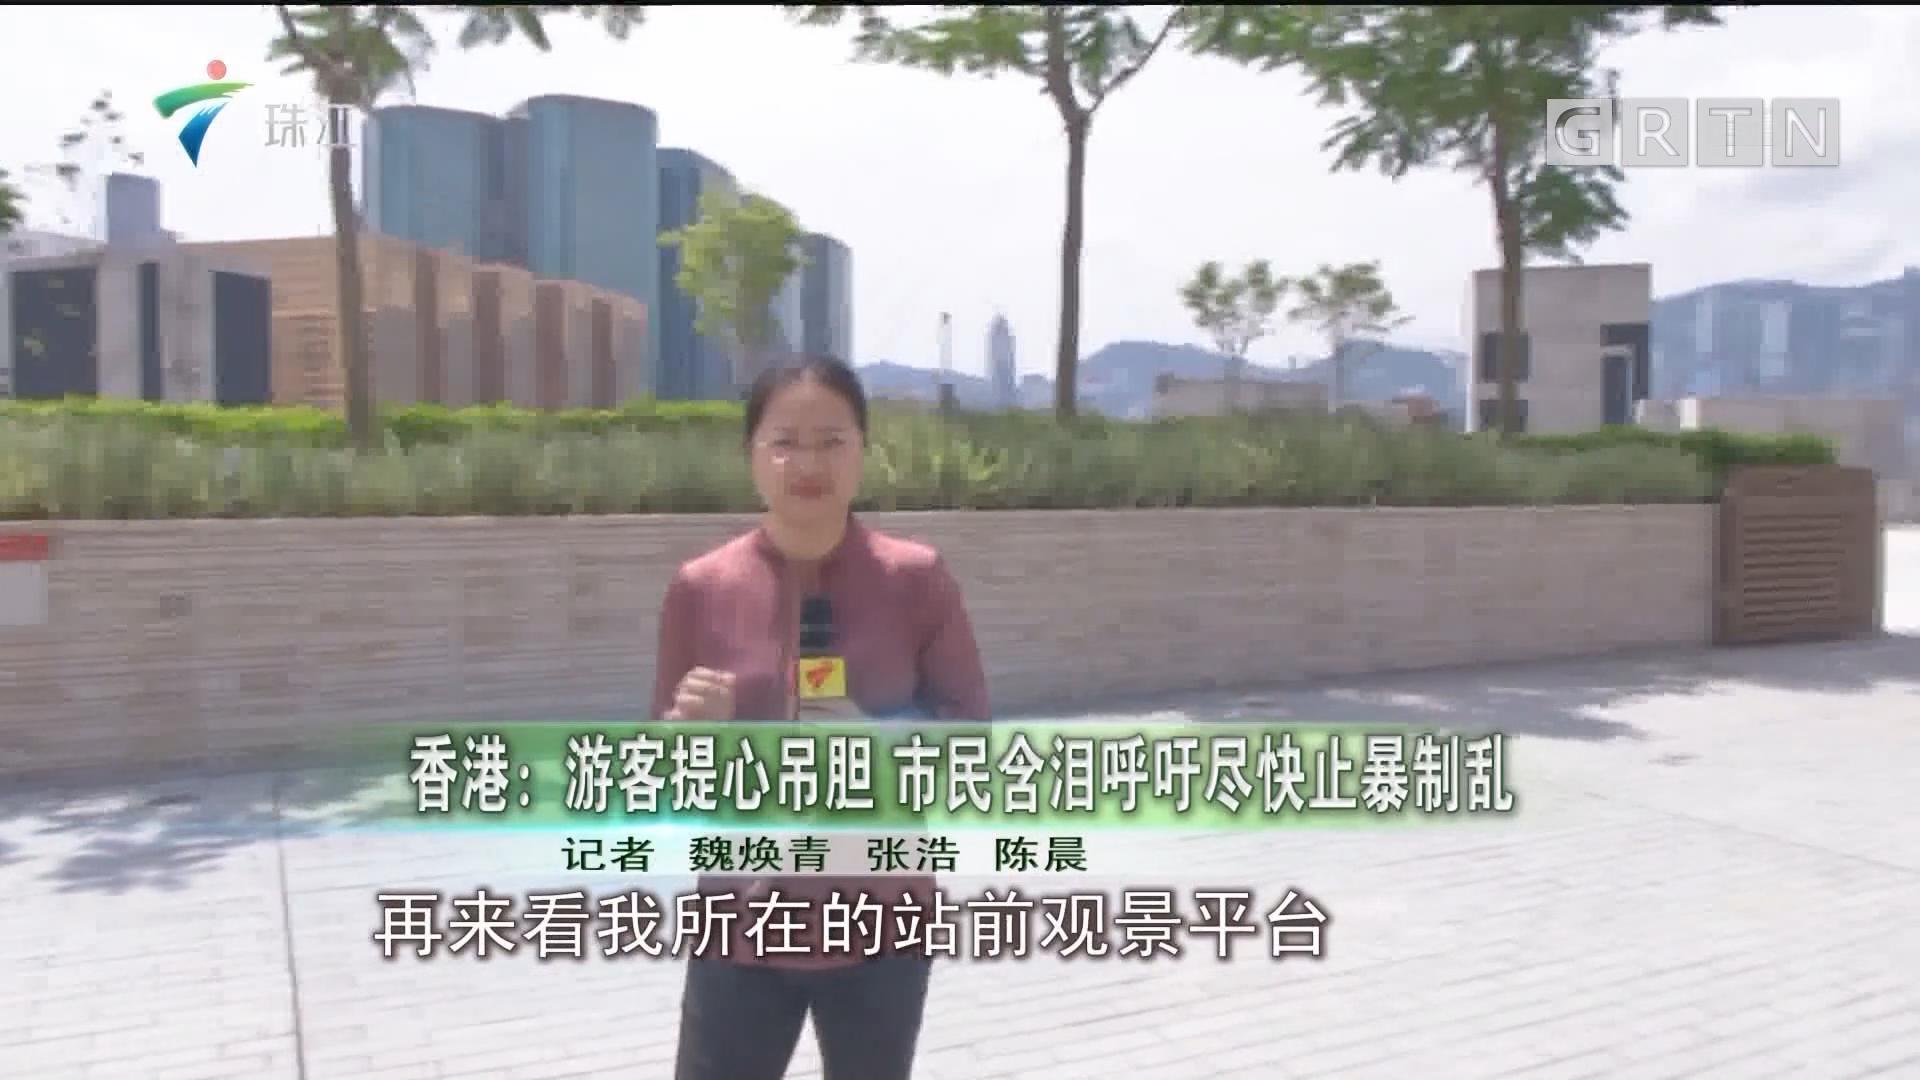 香港:游客提心吊胆 市民含泪呼吁尽快止暴制乱